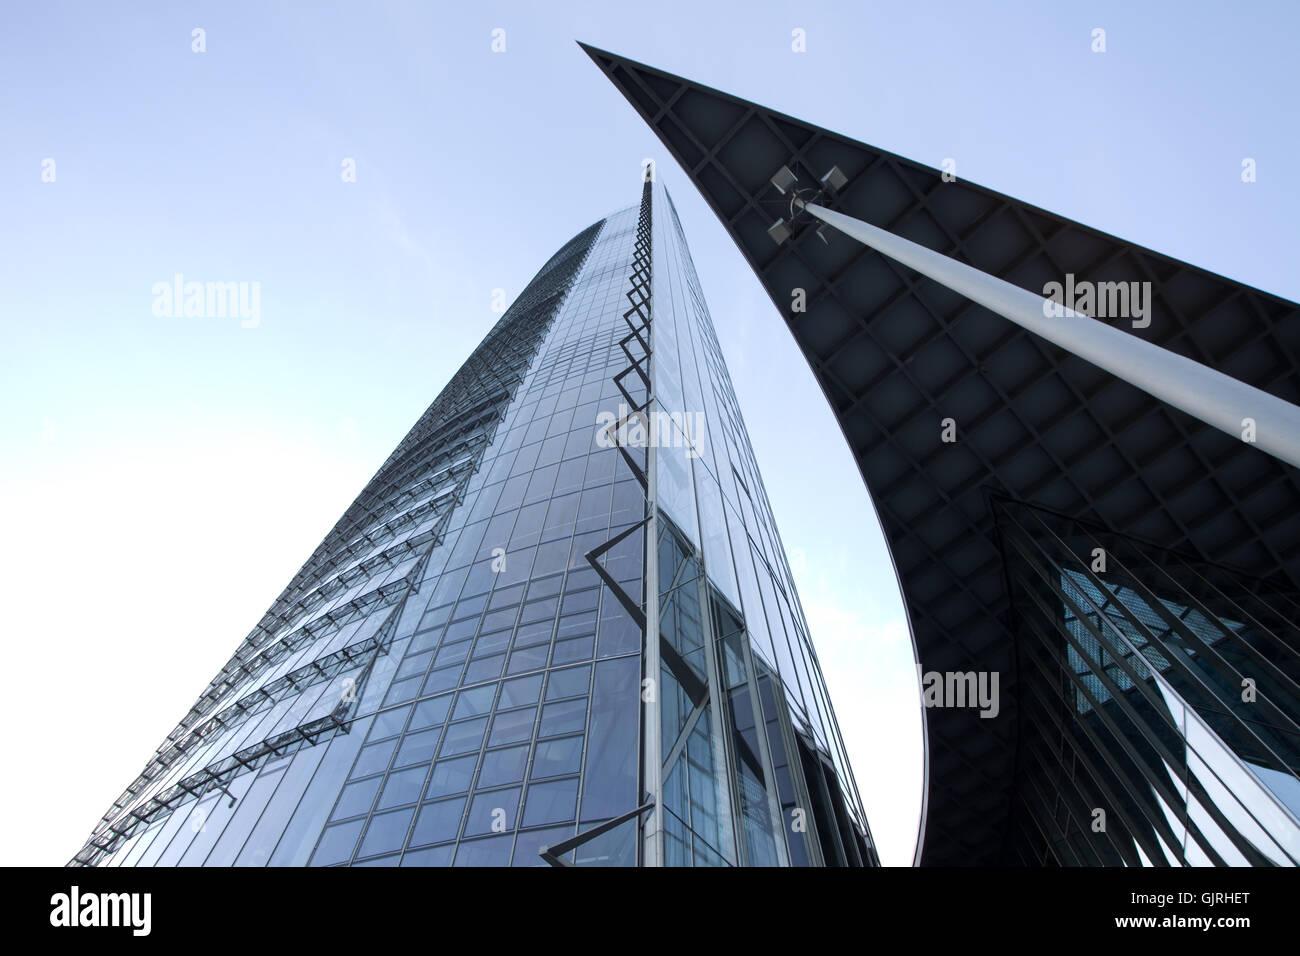 hochhaus posttower - Stock Image